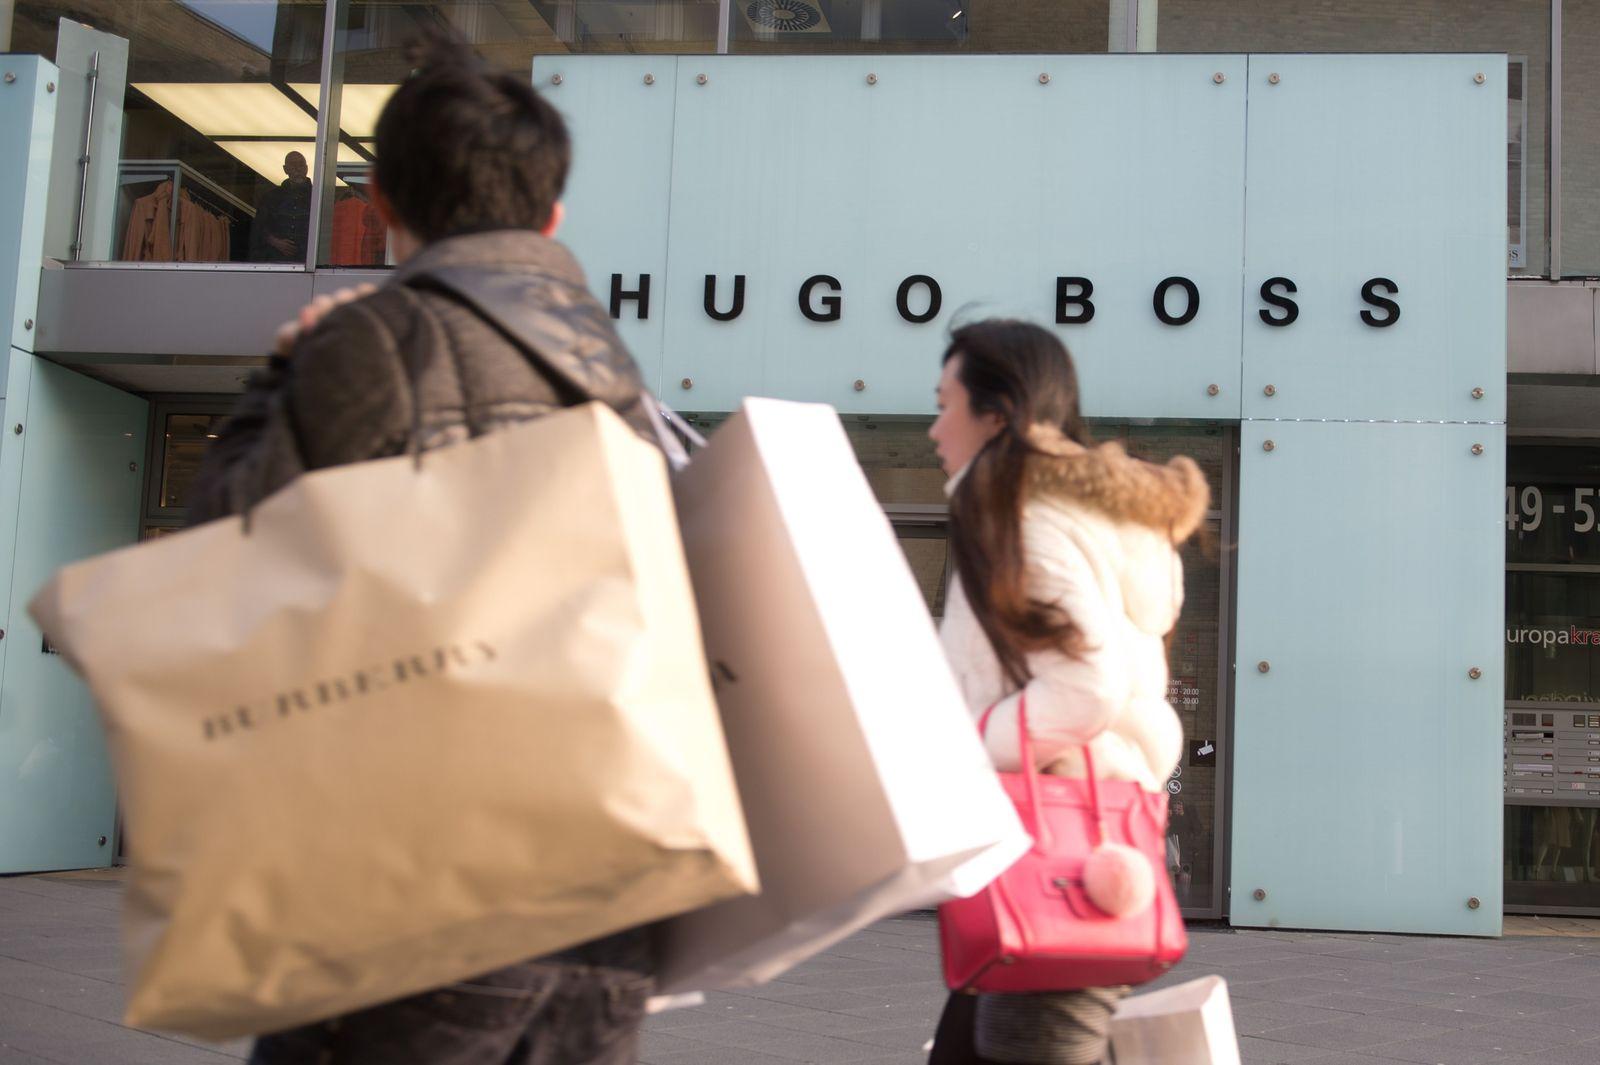 Hugo Boss Metzingen